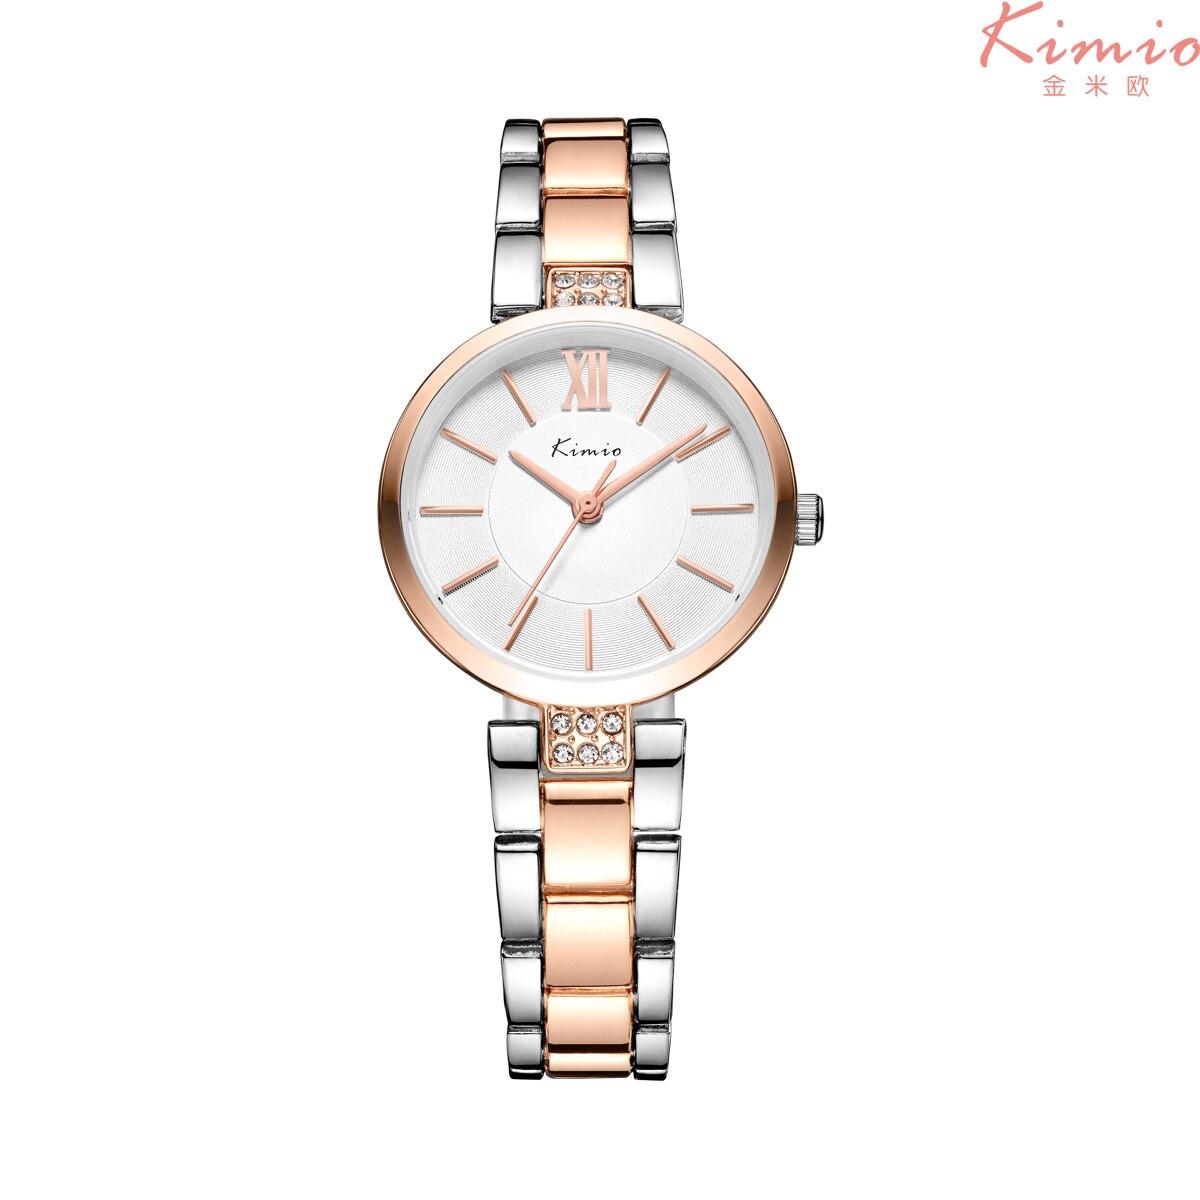 2e43551e82d KIMIO Relógio Fino Simples relogio feminino Rose Gold Quartz Senhoras  vestido Pulseira Relógios de Pulso para meninas das Mulheres KW6133